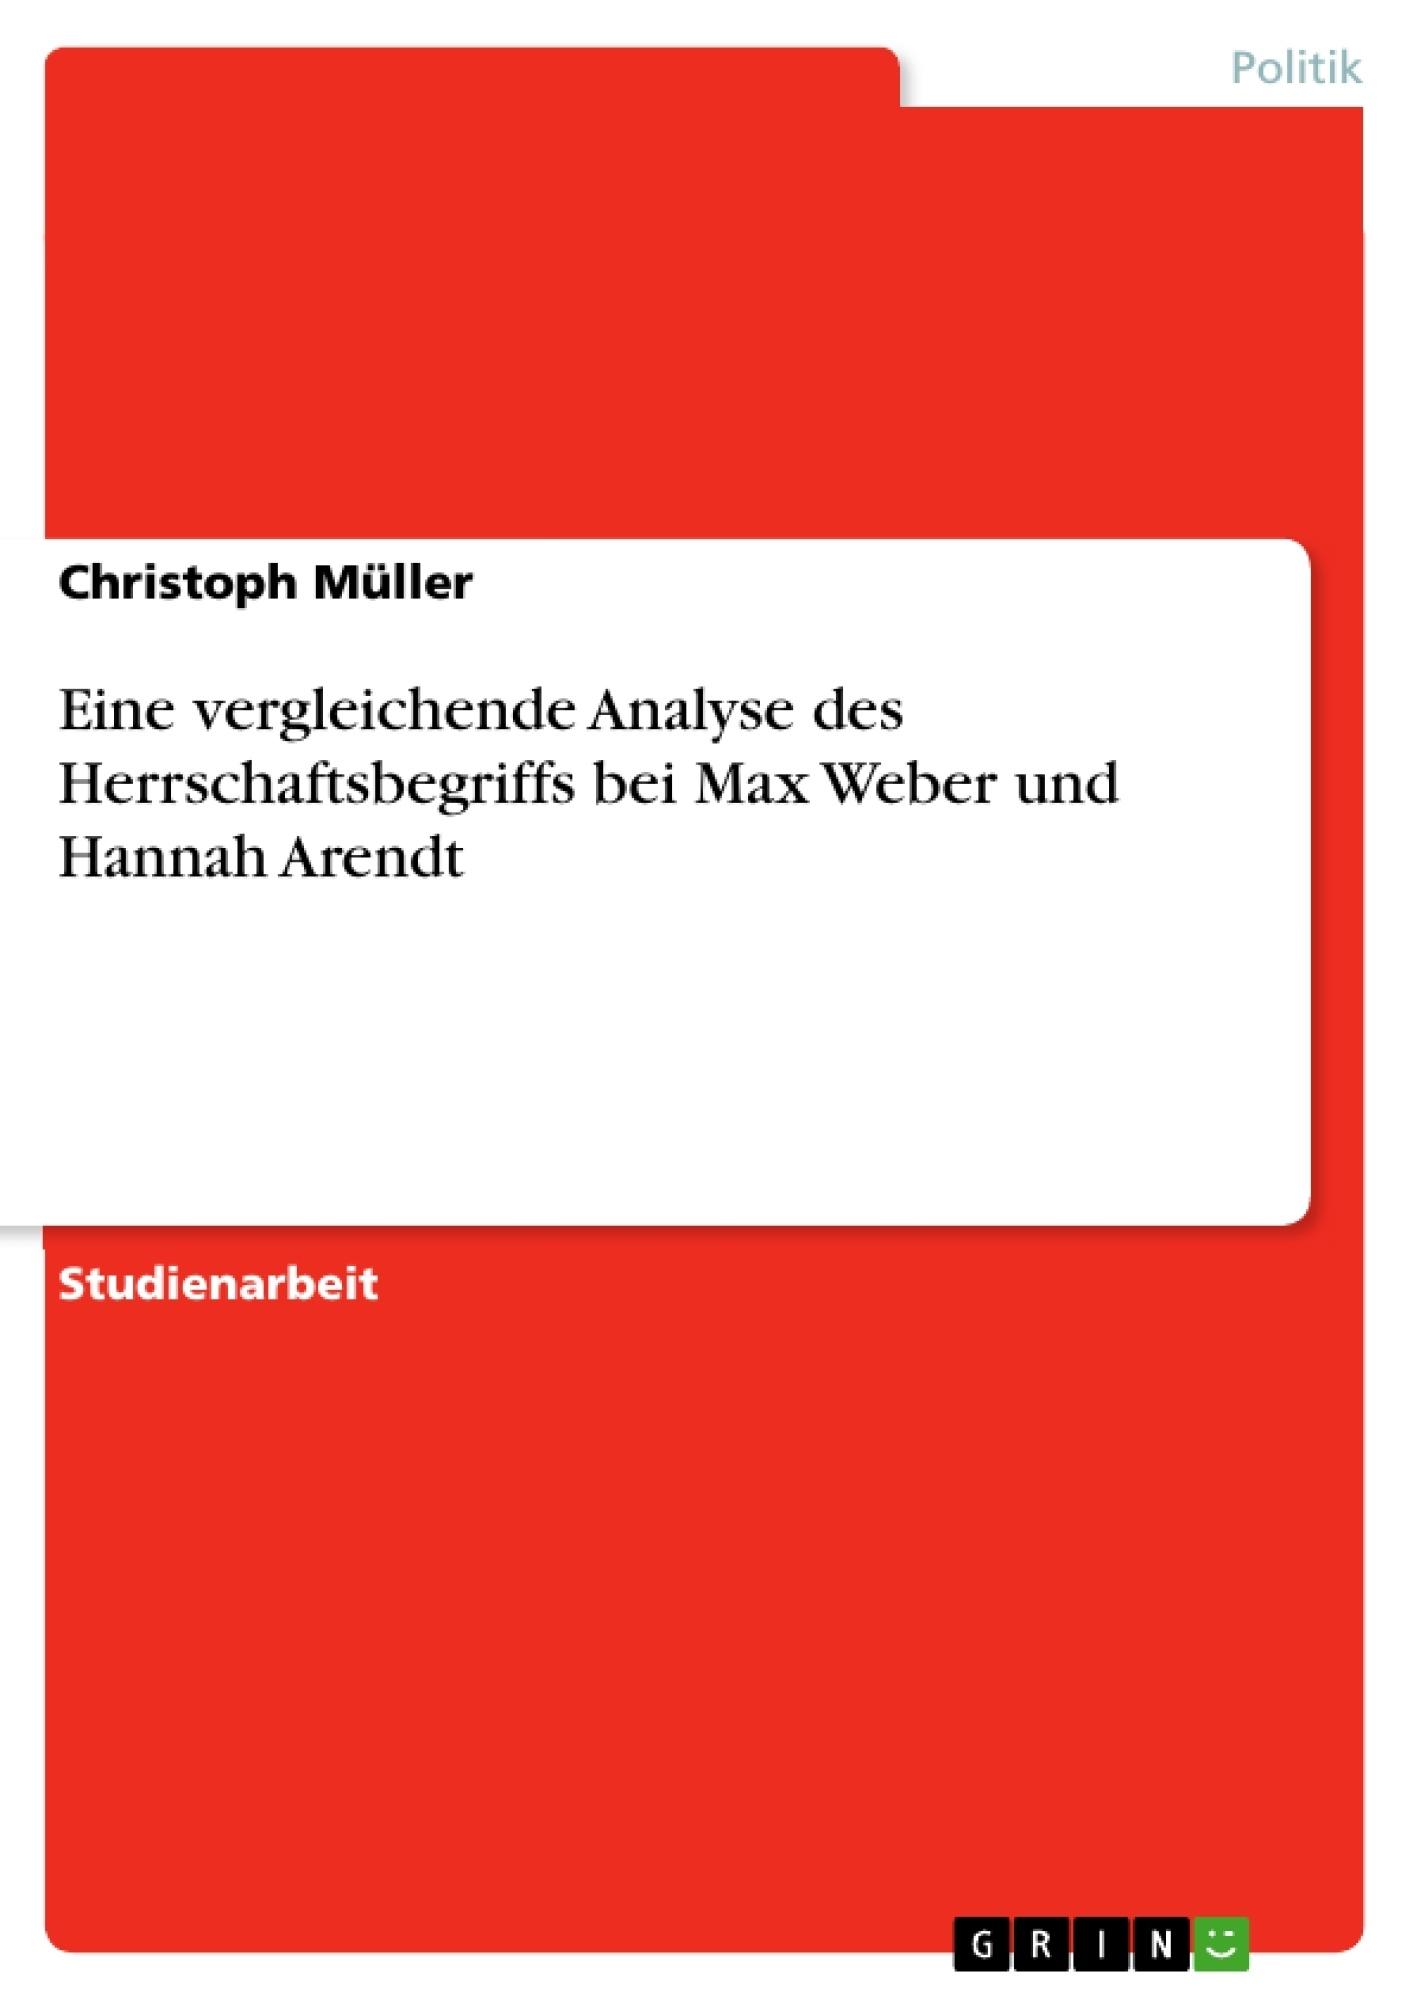 Titel: Eine vergleichende Analyse des Herrschaftsbegriffs bei Max Weber und Hannah Arendt